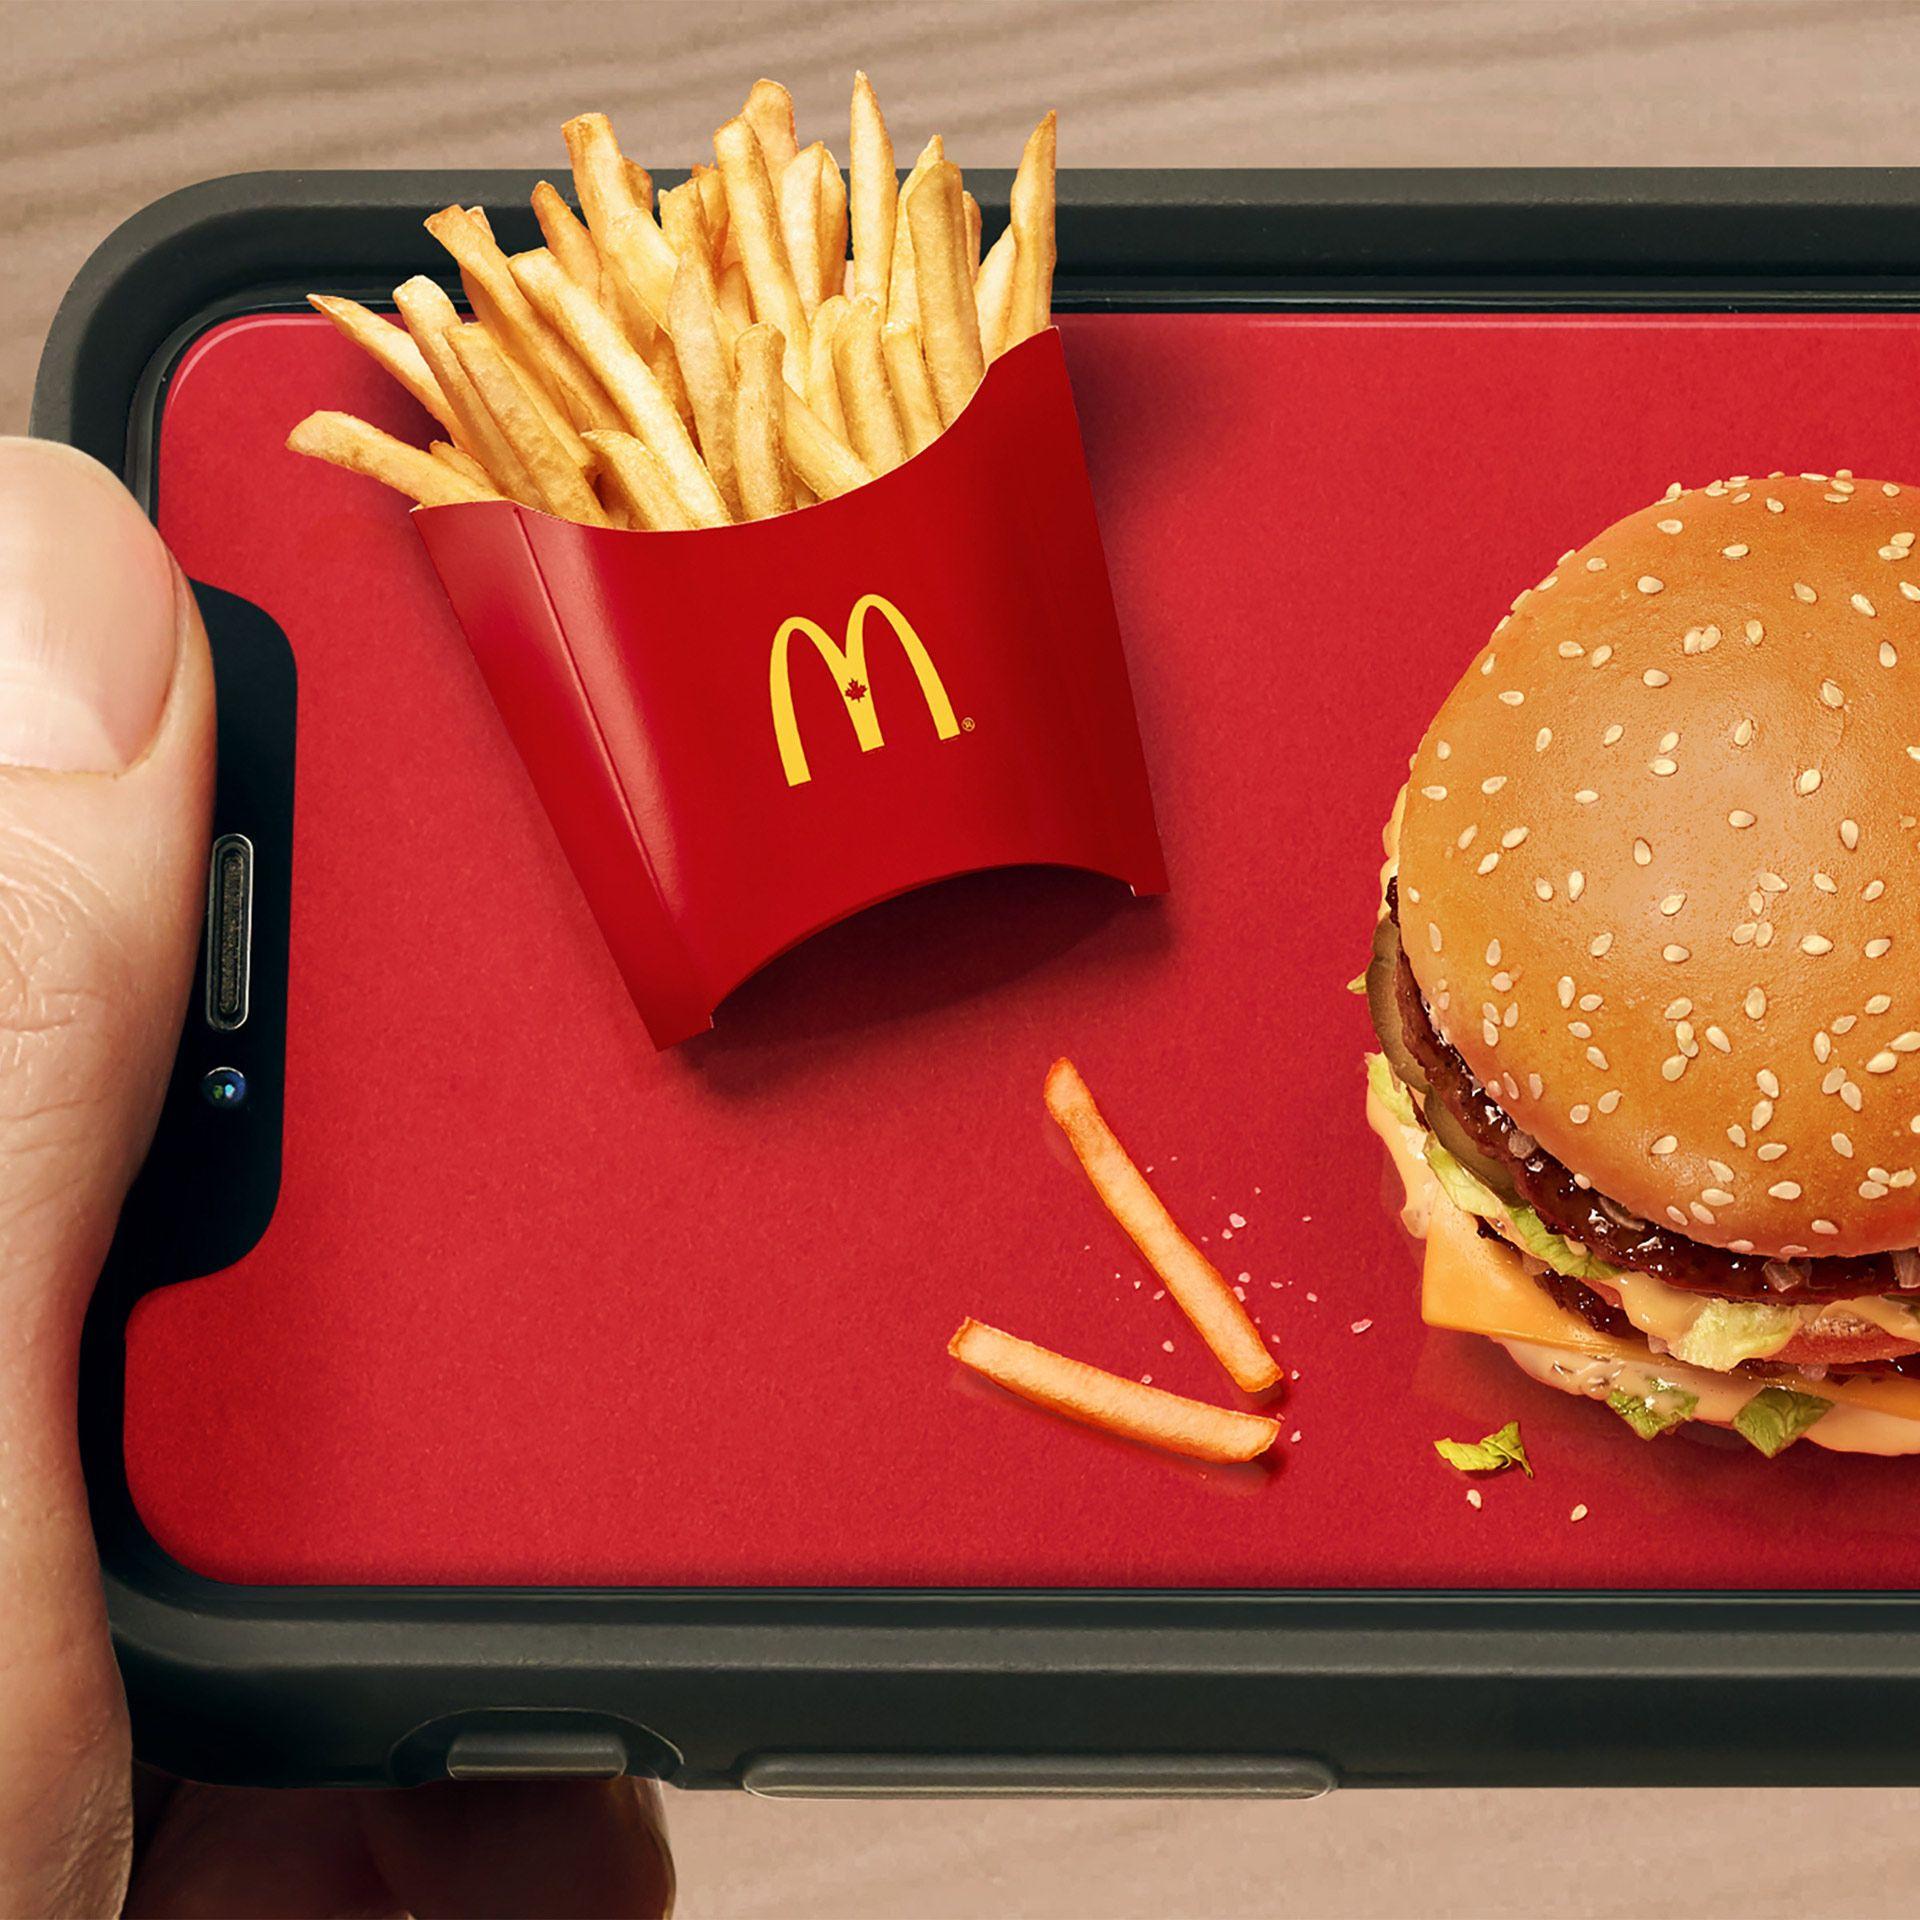 Gros plan de frites McDonald's miniatures placées sur un téléphone portable faisant office de plateau.